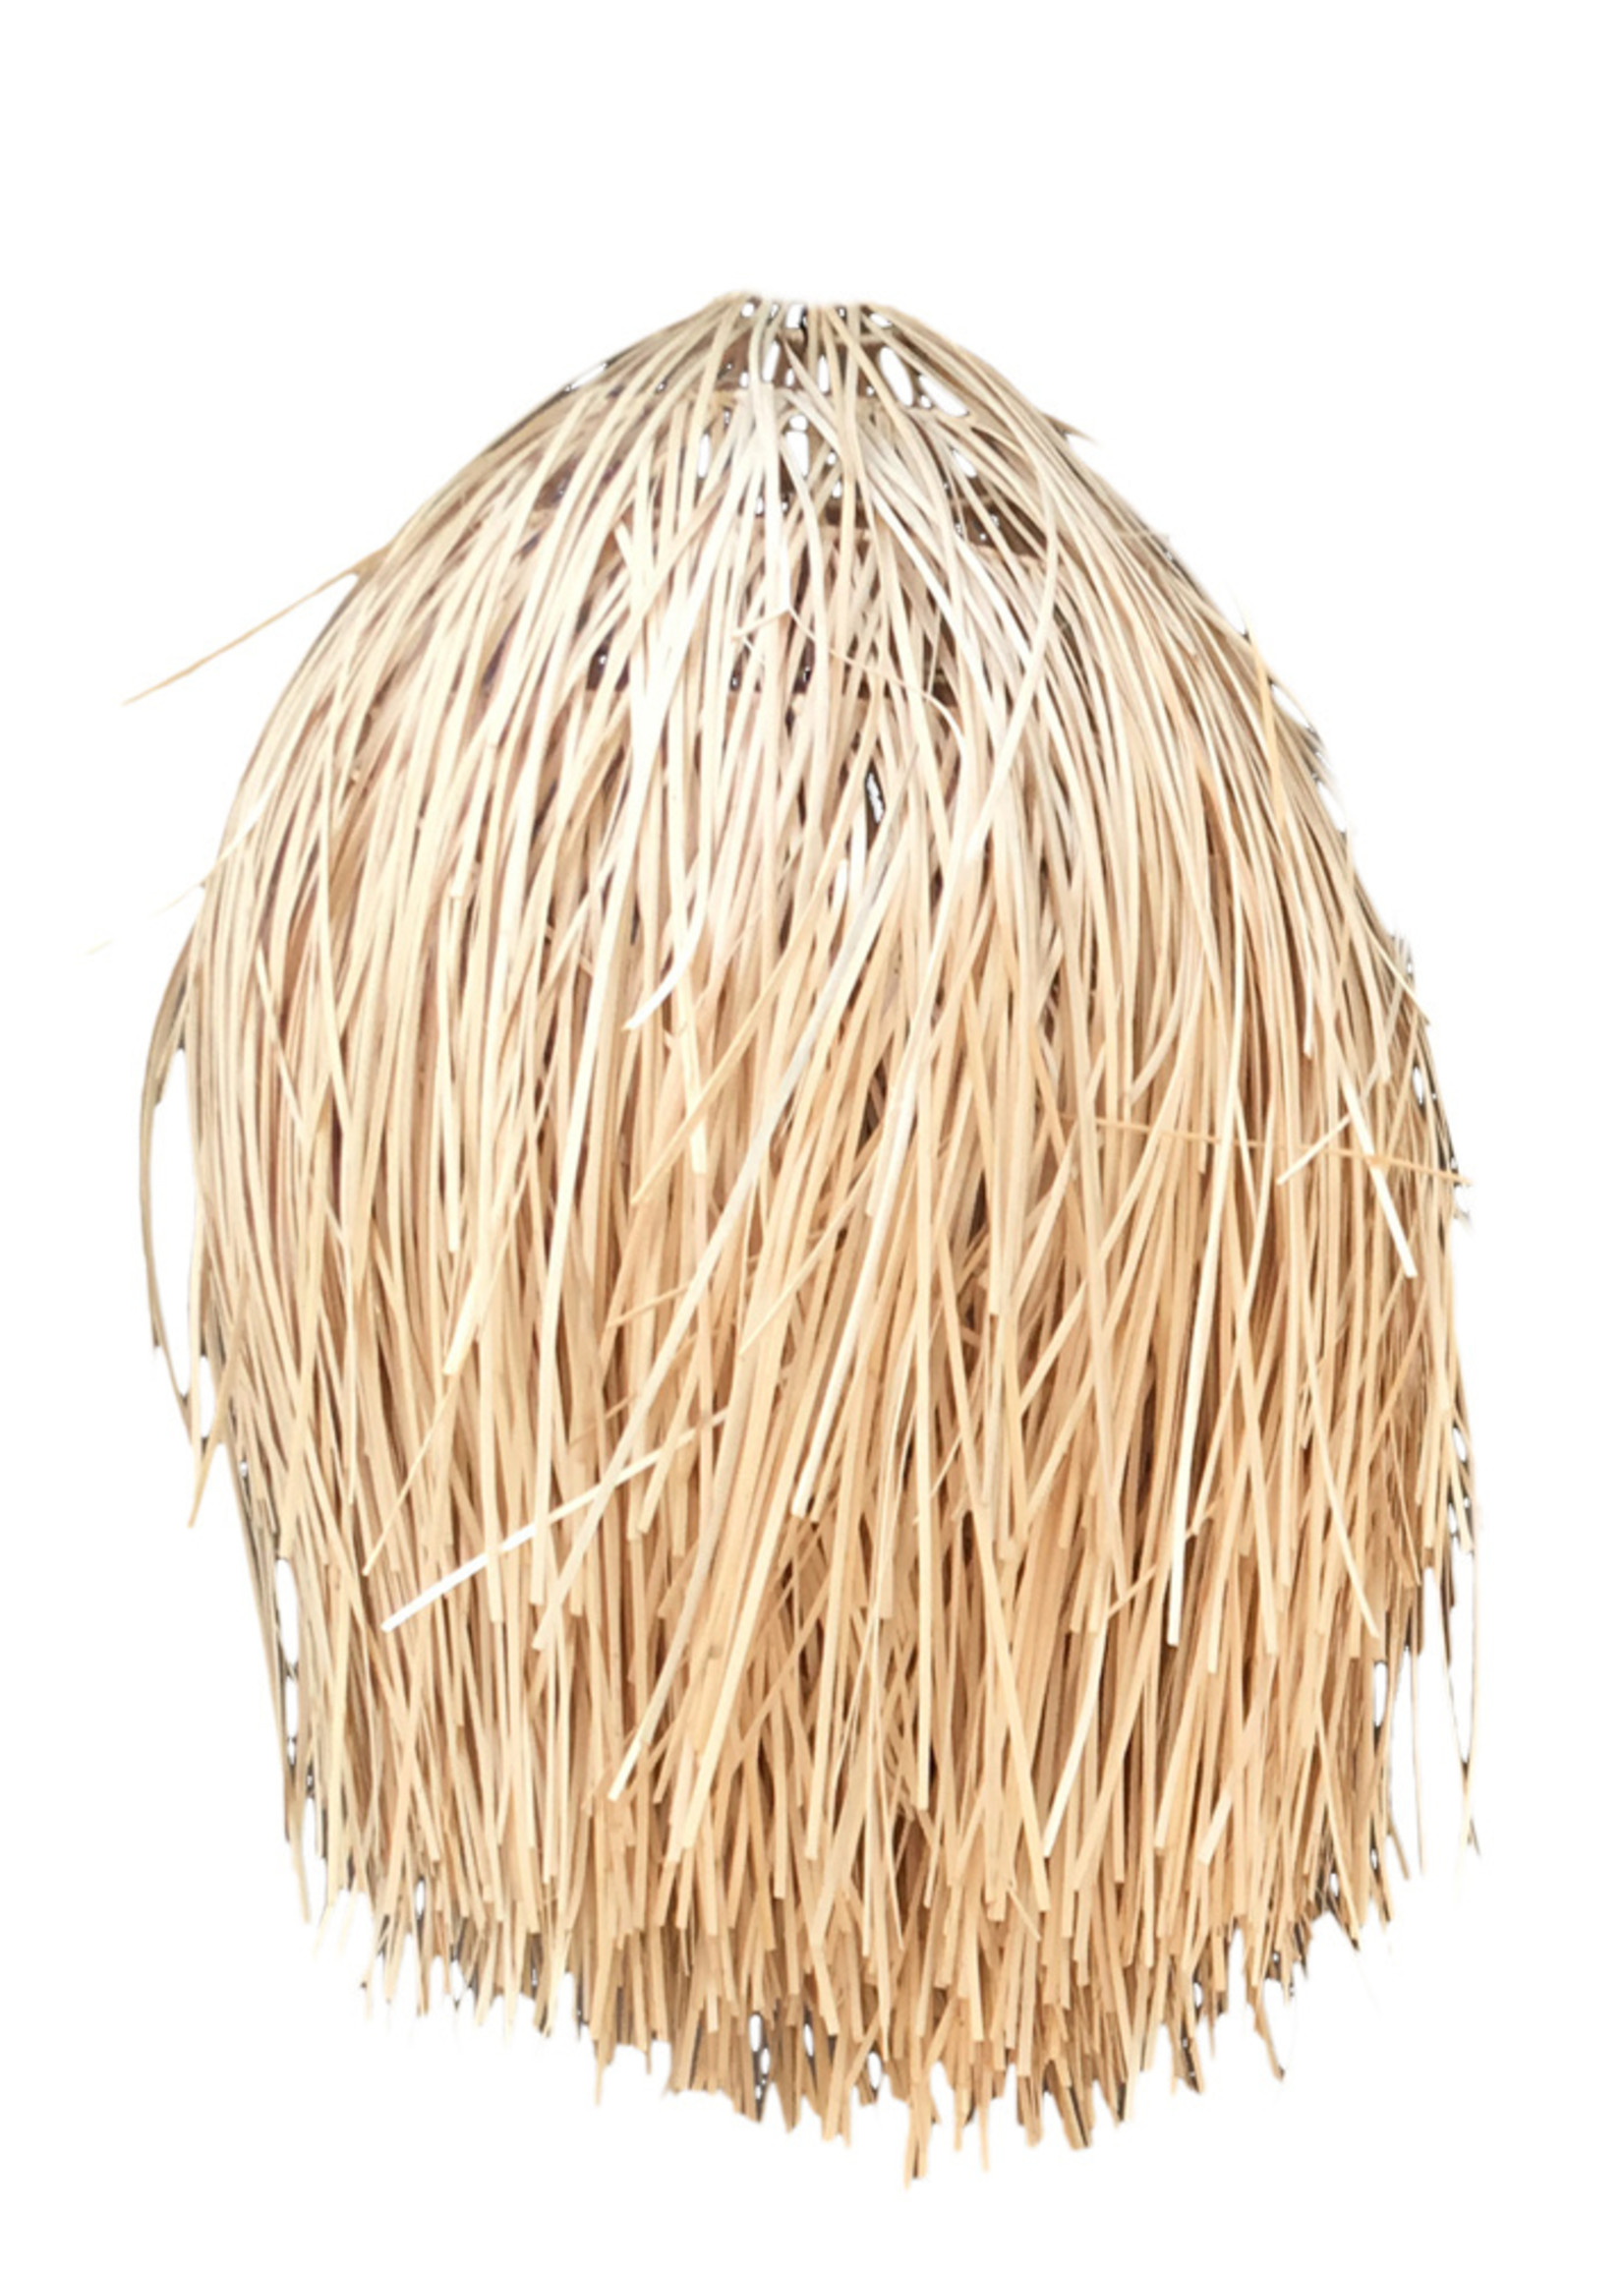 The Rattan Shaggy Pendant - Natural - L